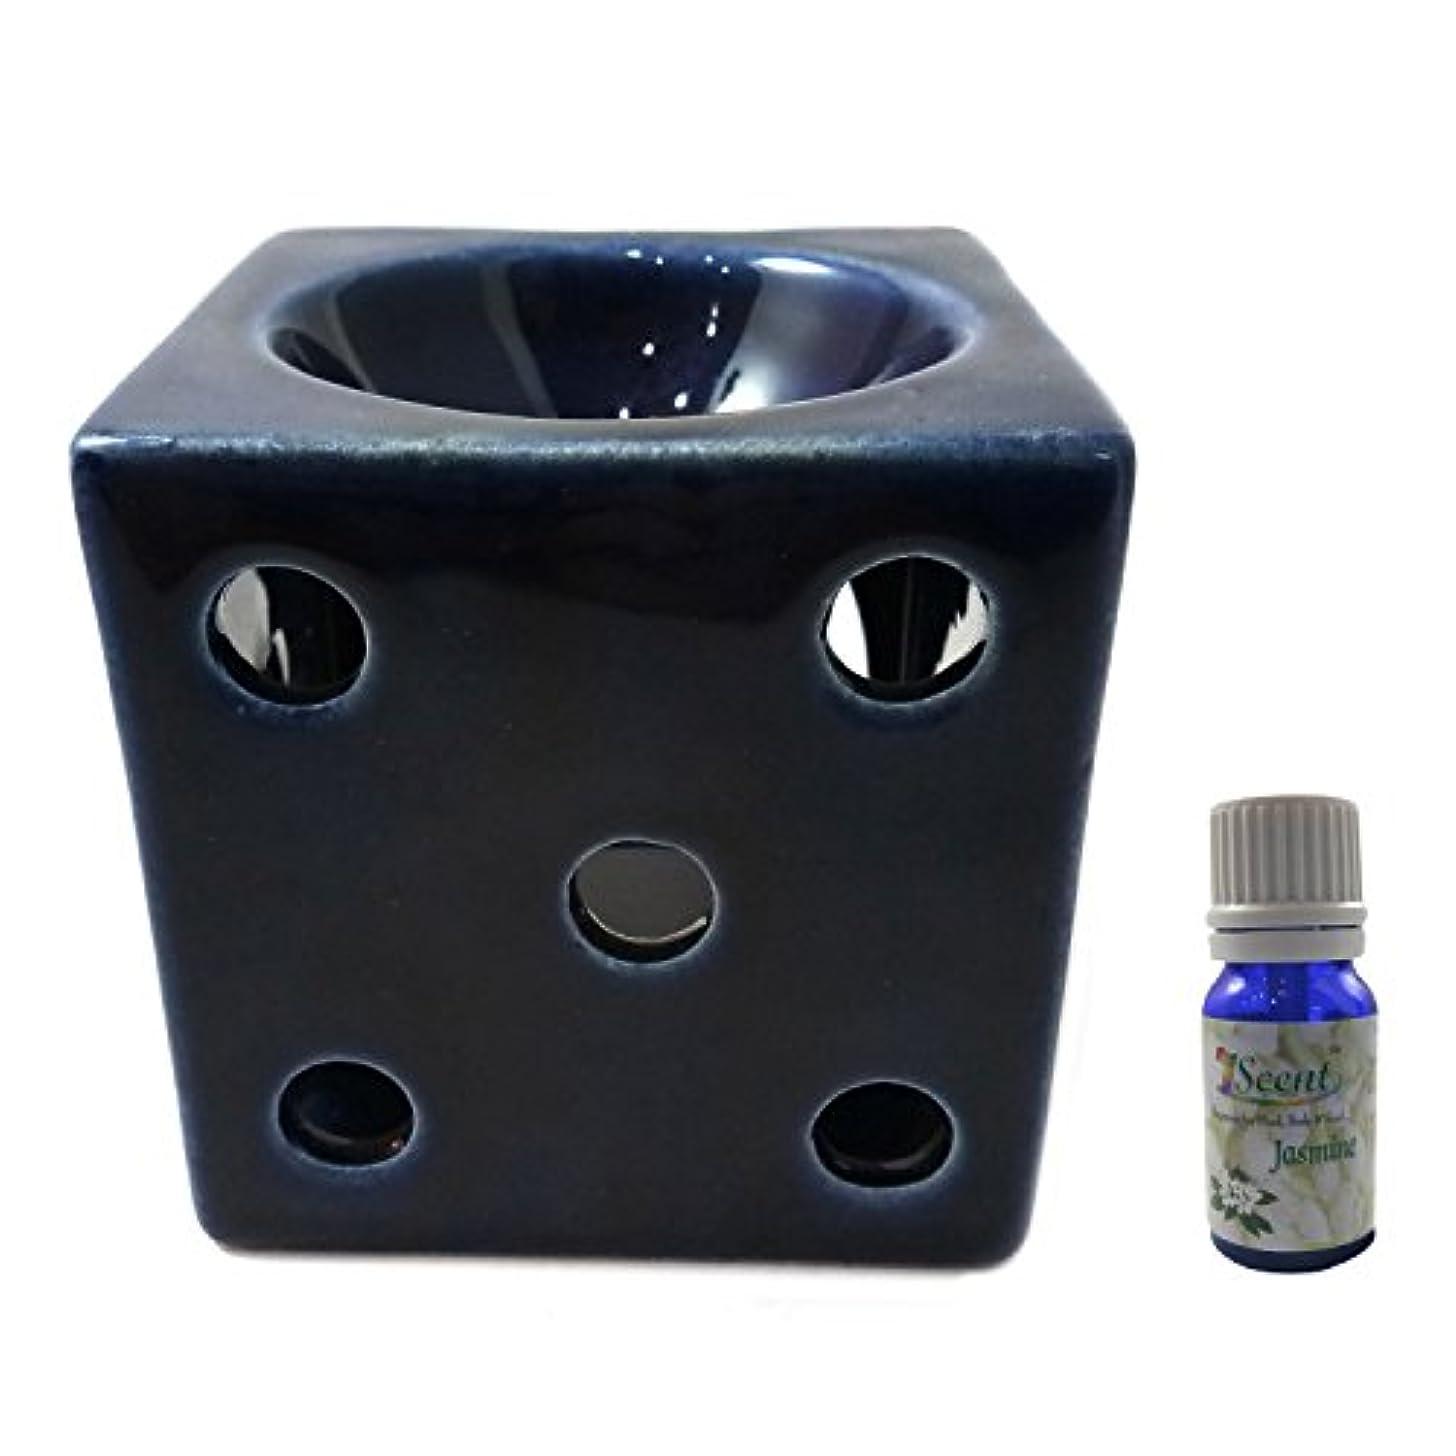 過敏な釈義代理人家庭装飾定期的に使用する汚染されていない手作りセラミックエスニック電気アロマディフューザーオイルバーナージャスミンフレグランスオイル|良質ブラウン色電気アロマテラピー香油暖かい数量1